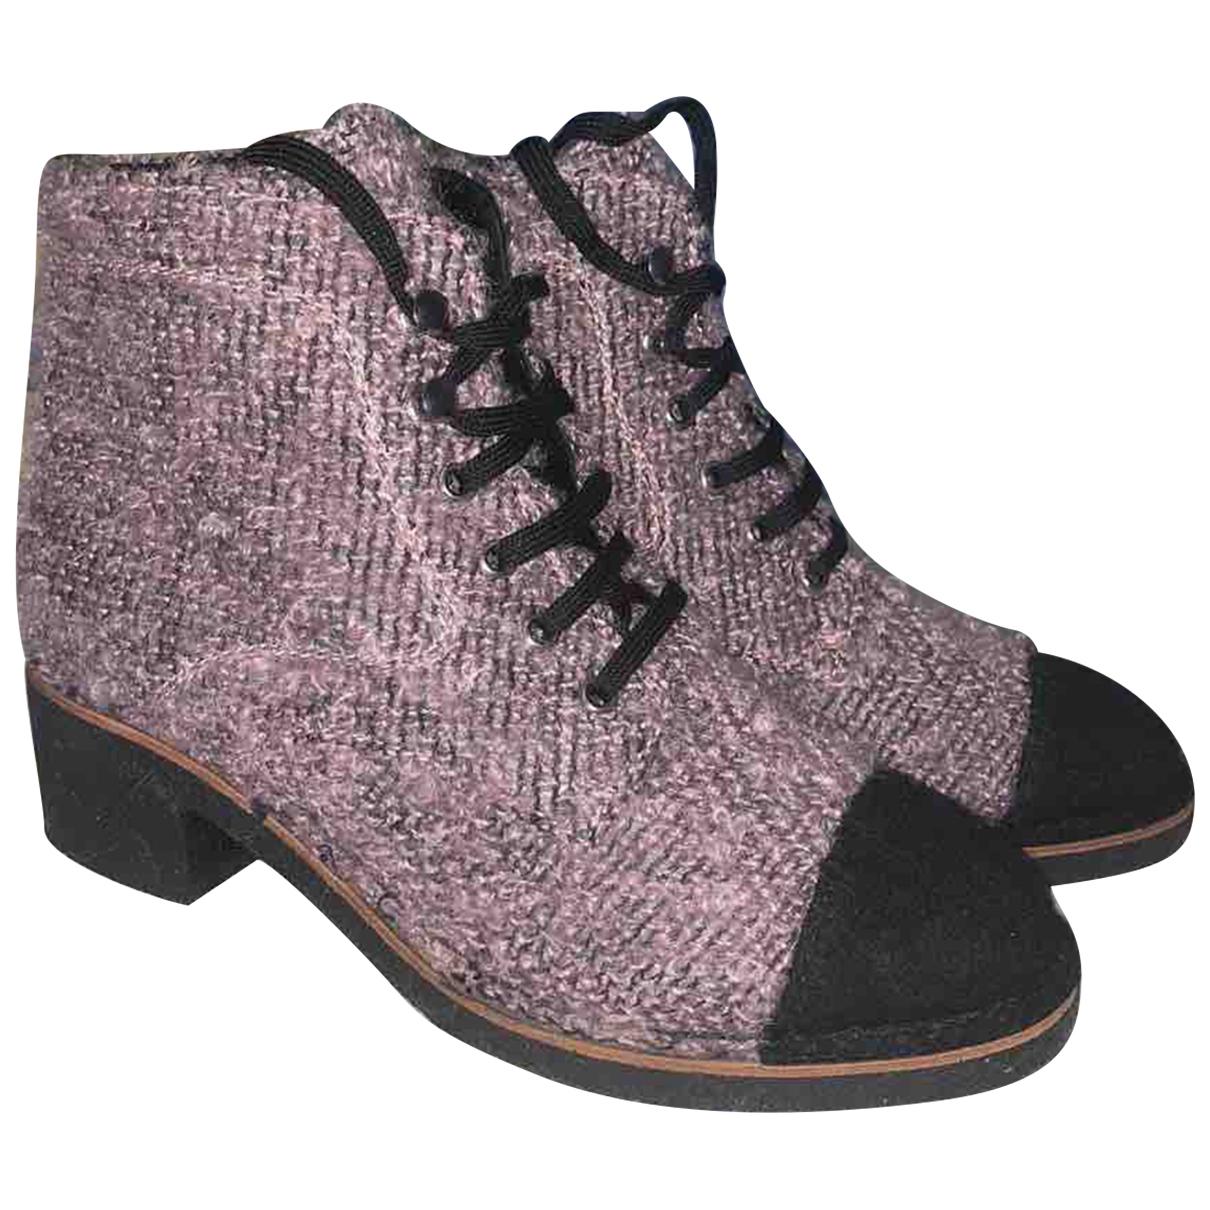 Chanel \N Stiefeletten in  Grau Tweed